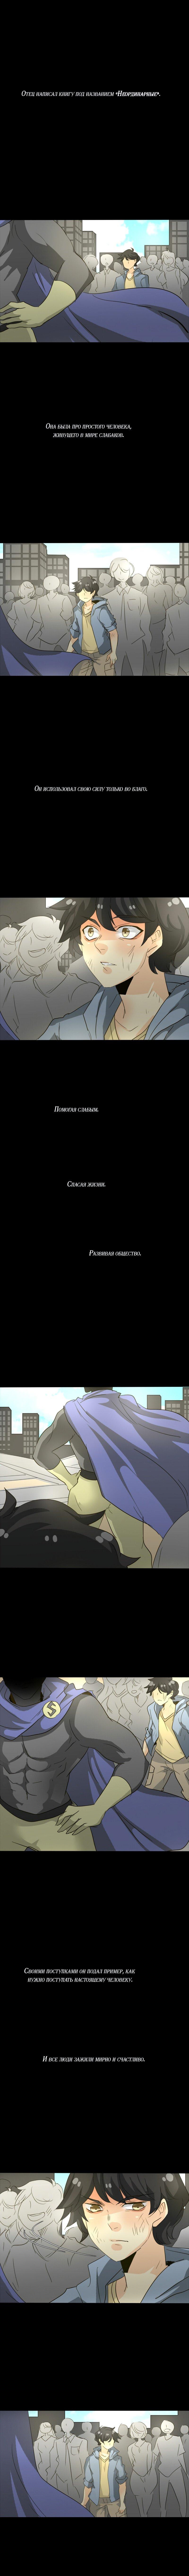 Манга неОРДИНАРНЫЕ / unORDINARY  - Том 1 Глава 110 Страница 13